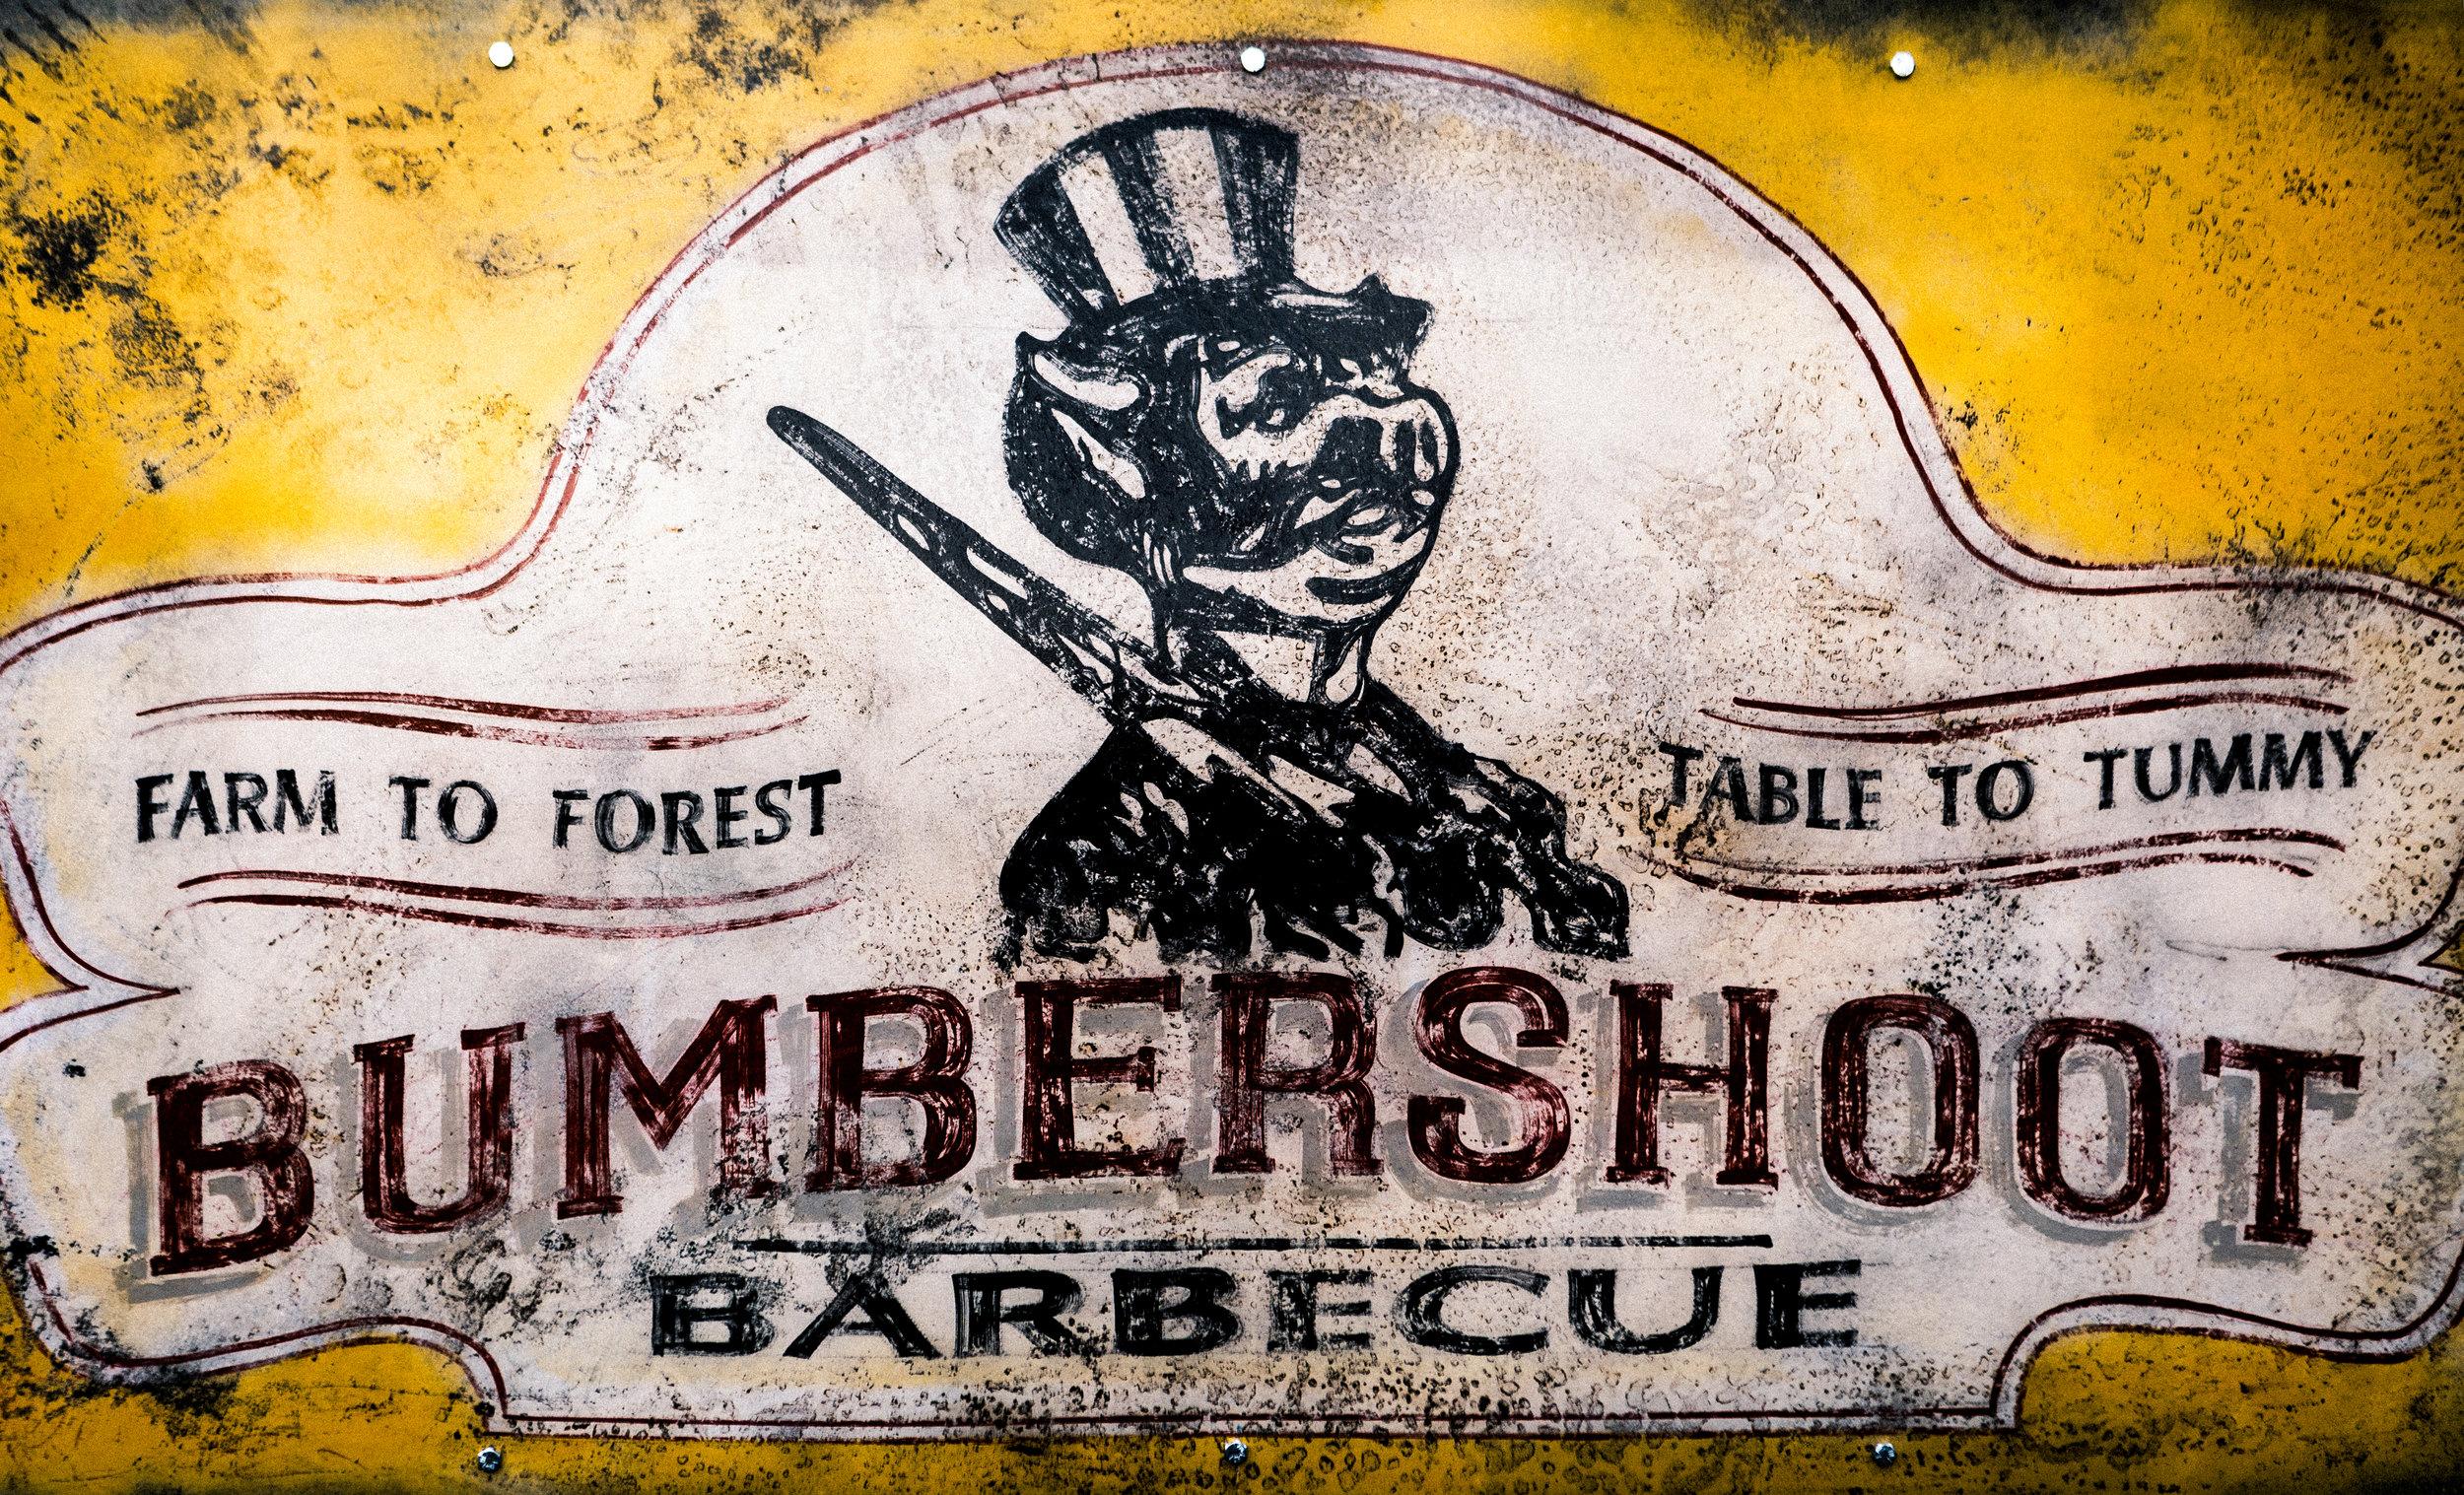 Bumbershoot BBQ - Argyle, TX - We Denton Do It - 374.jpg